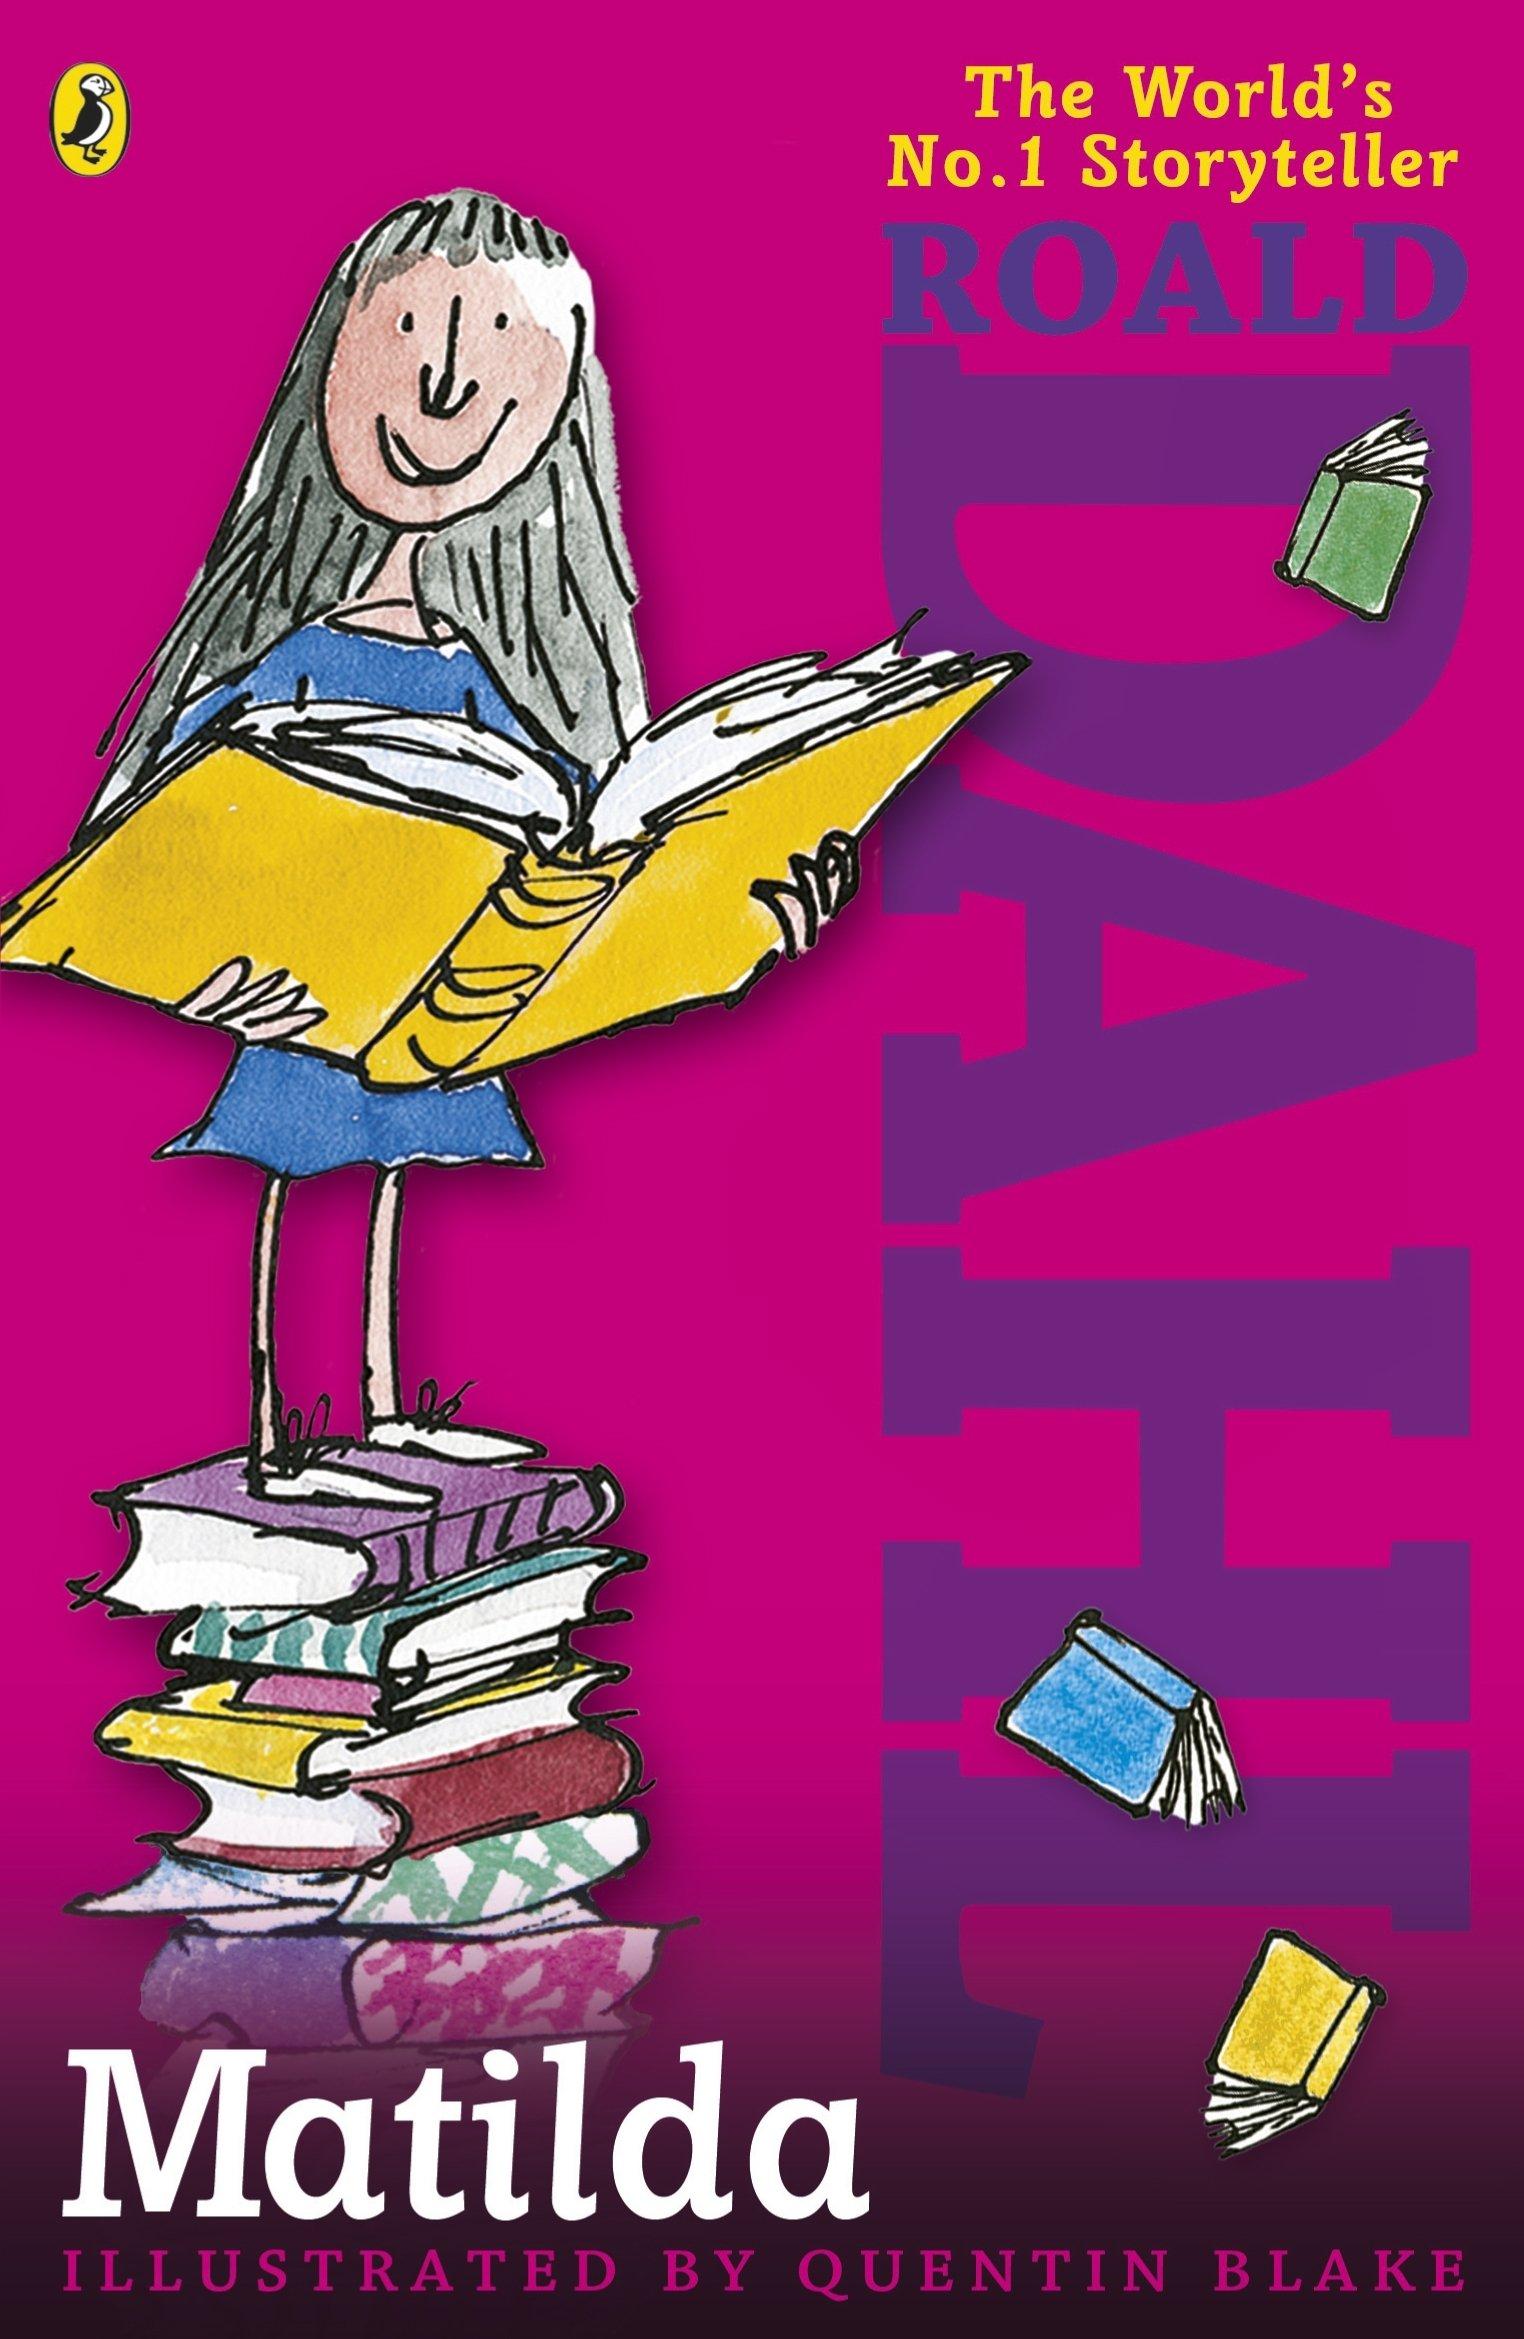 Matilda: Amazon.co.uk: Dahl, Roald, Blake, Quentin: Books